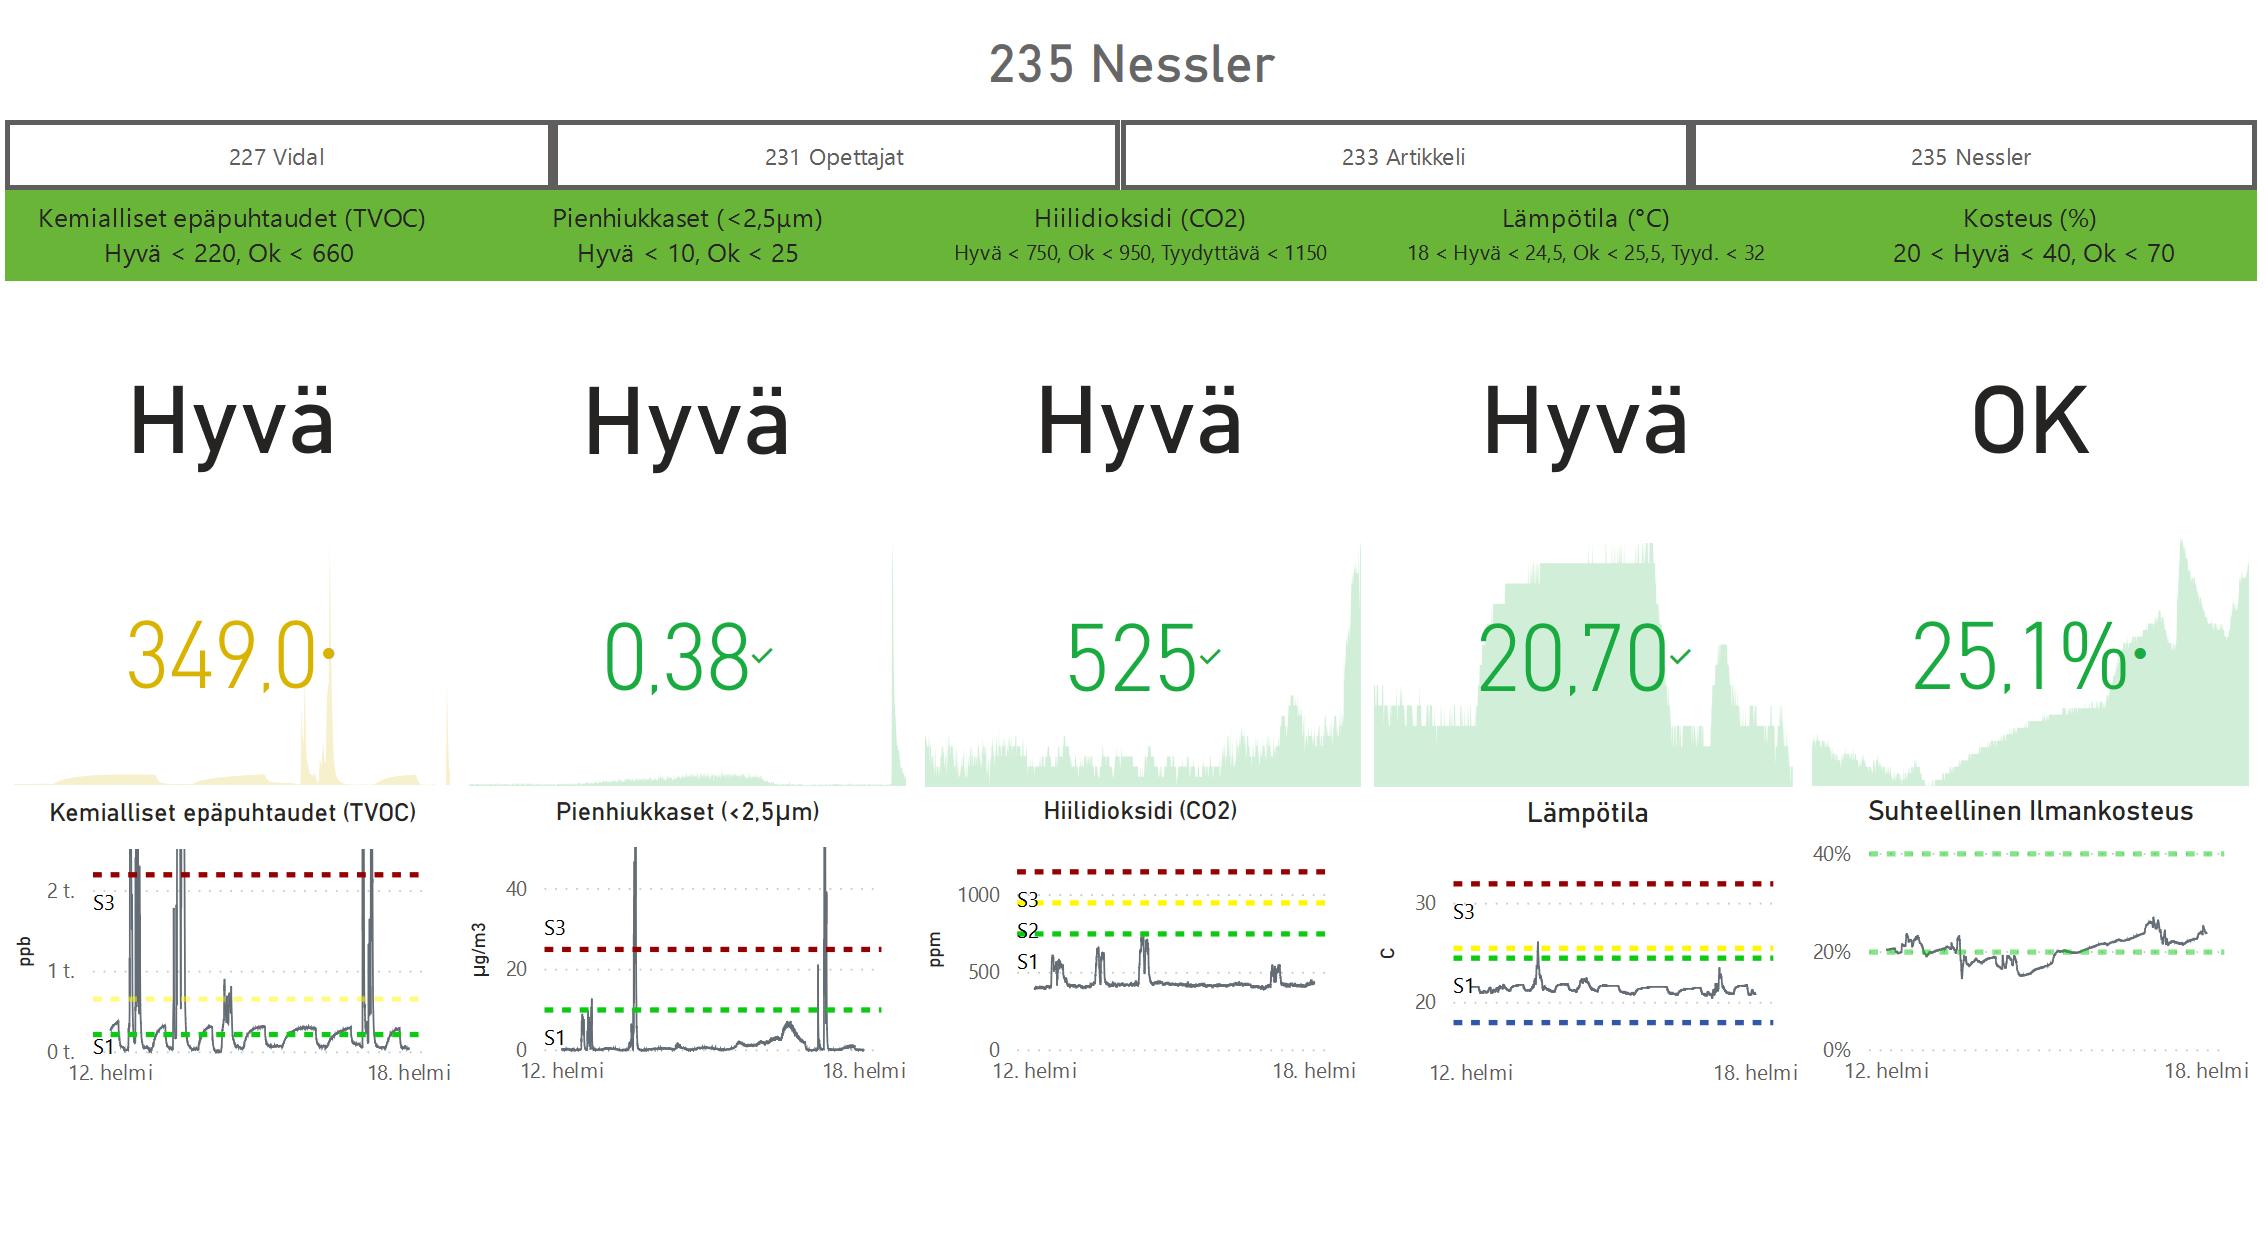 Atea Finland Oy:n visuaalinen käyttöliittymä, jossa näkyy olosuhdedatan mittauksia